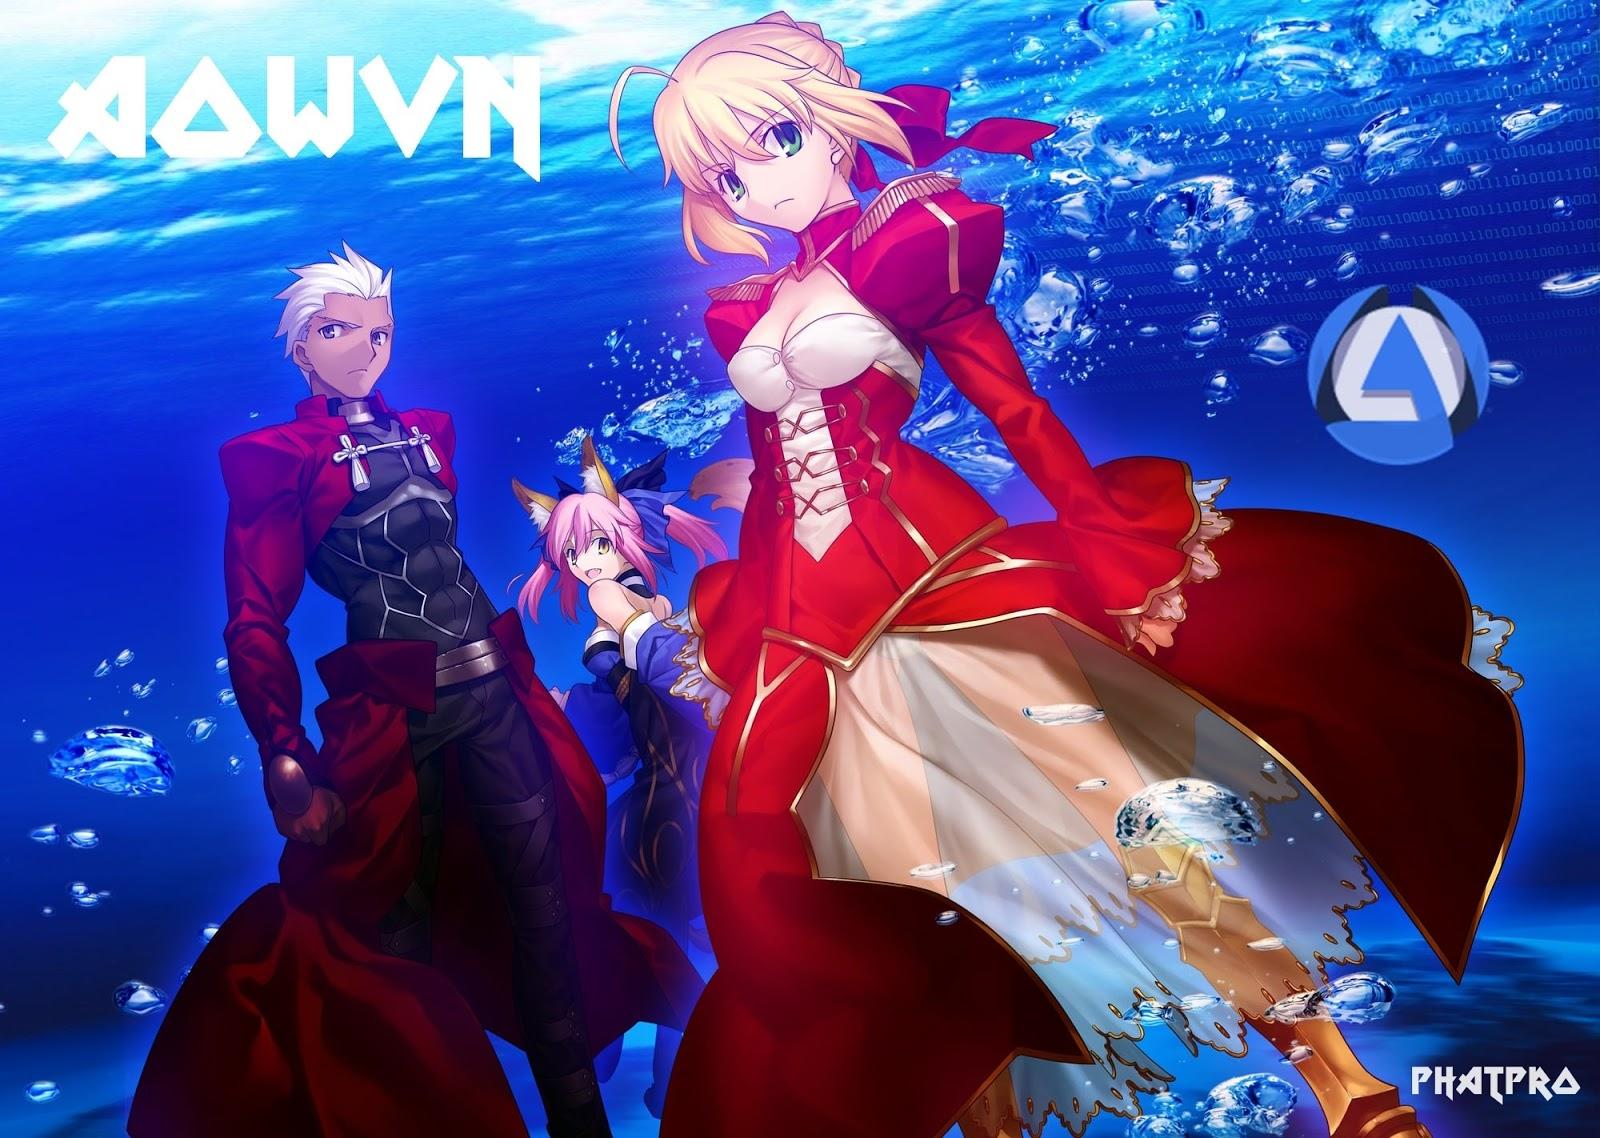 FE%2B %2BPhatpro%2B%25283%2529 - [ Anime 3gp Mp4 ] Fate/Extra Last Encore | Vietsub - Siêu Phẩm Cực Hay